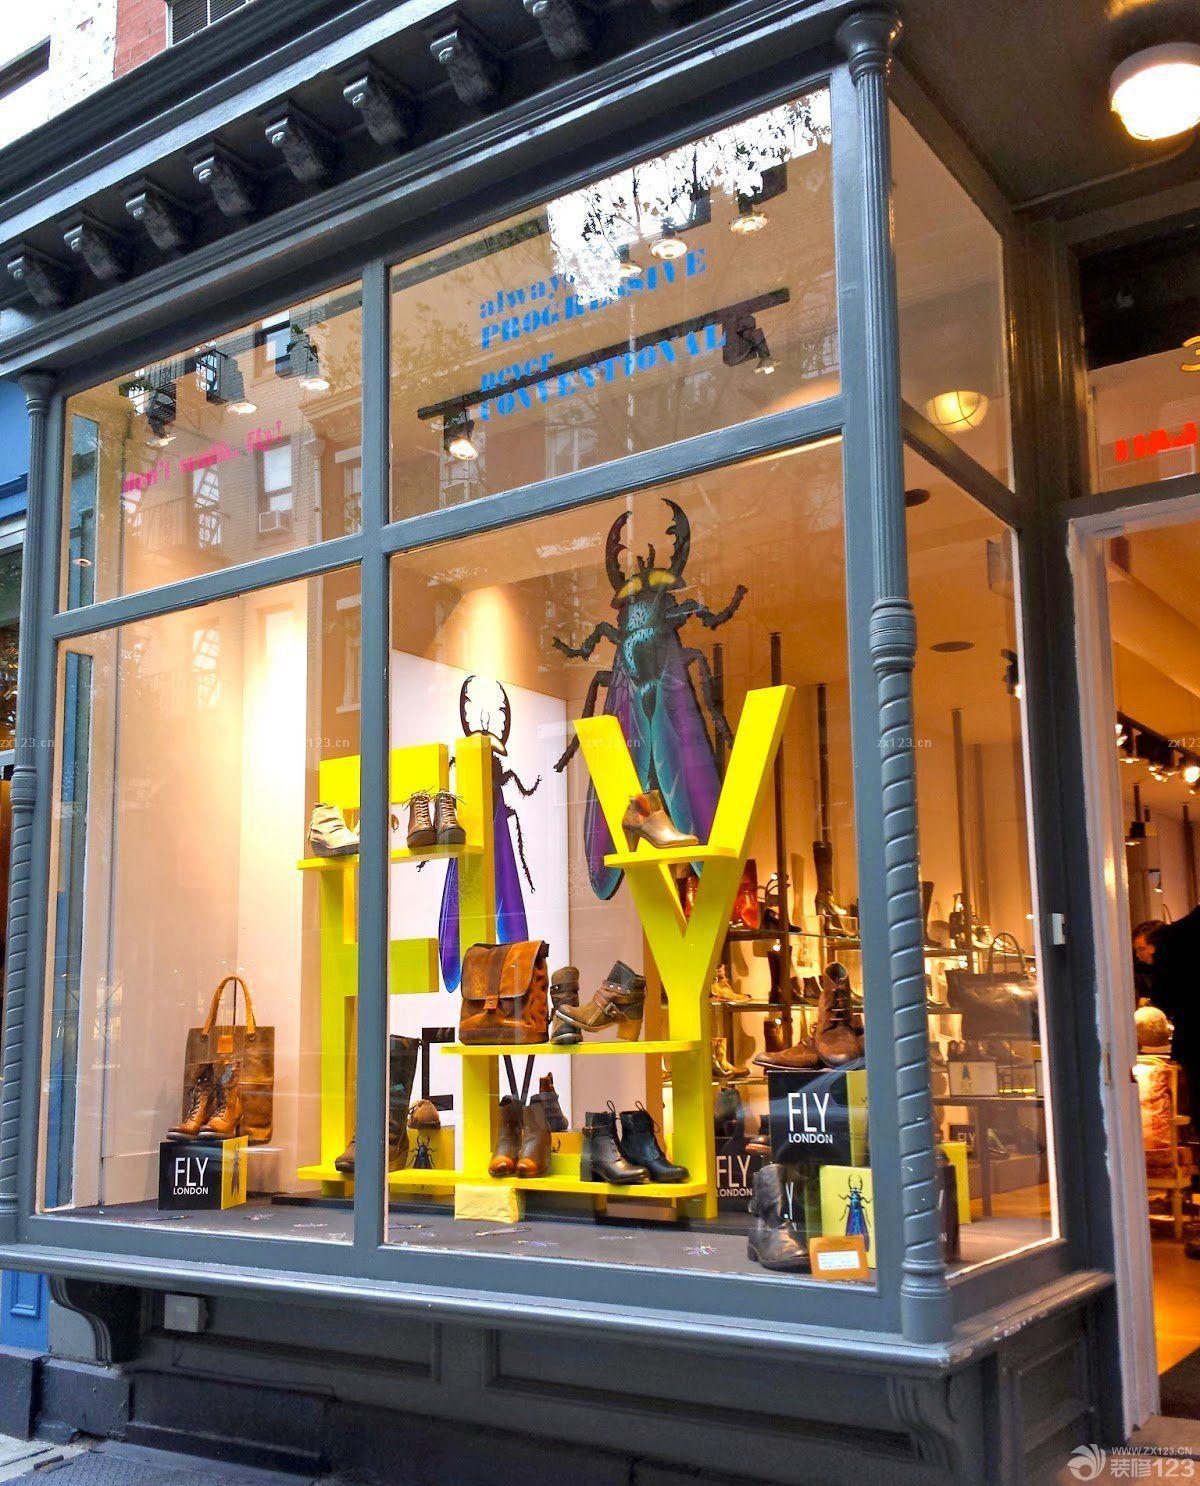 2018女鞋店橱窗设计装修效果图片 设计456装修效果图